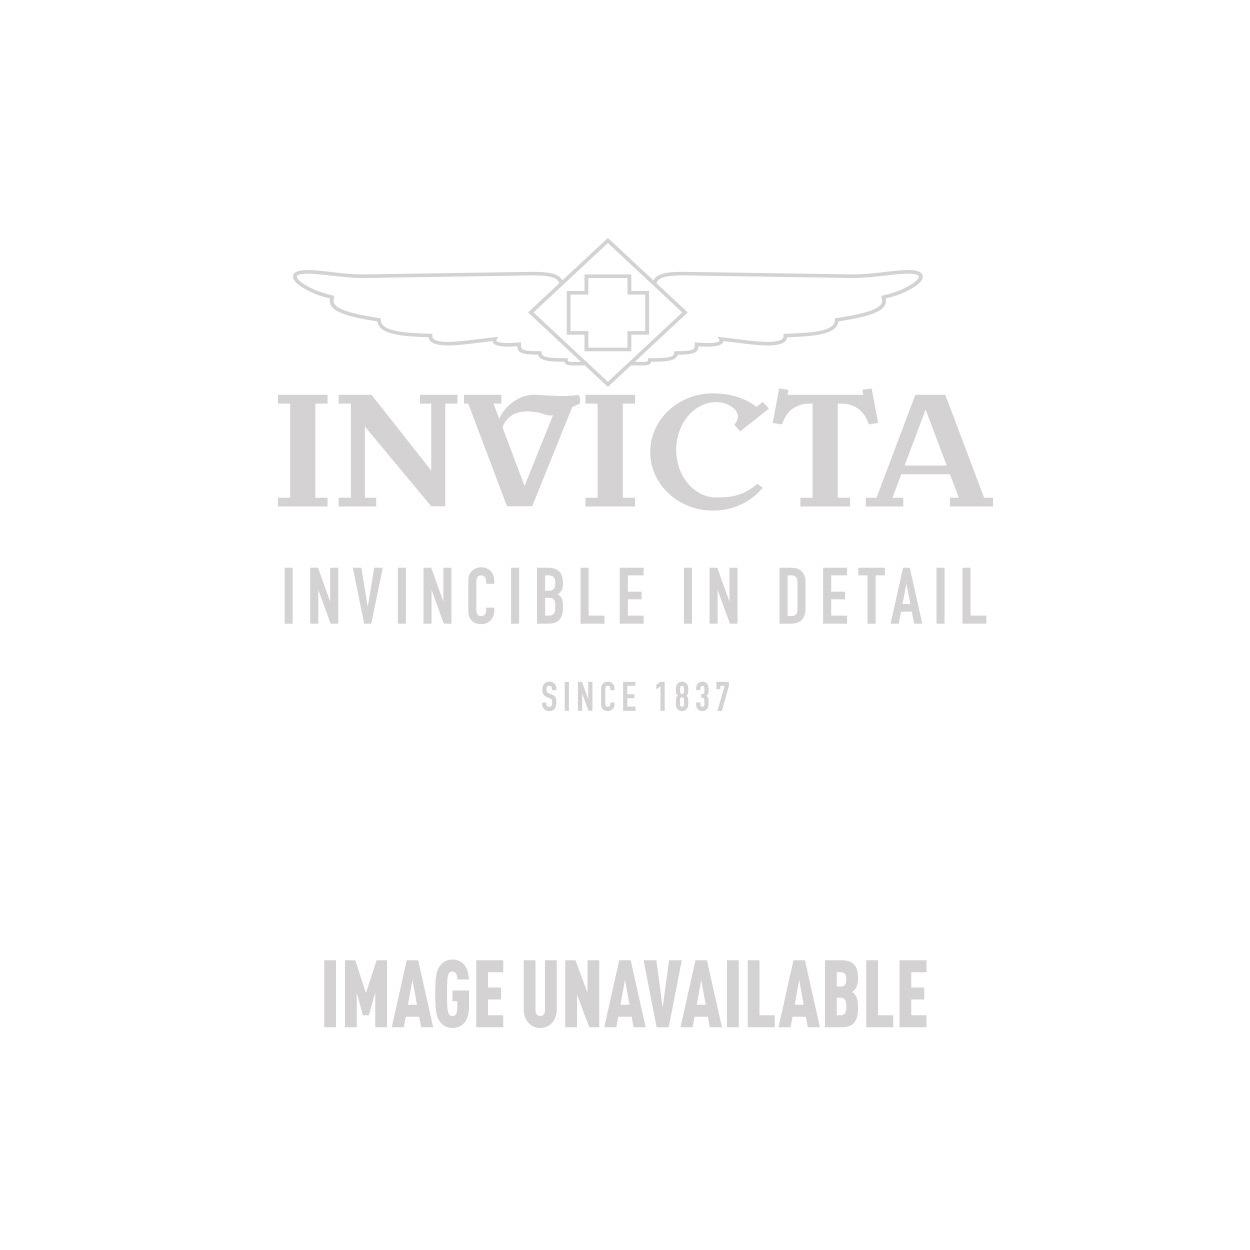 Invicta Model 28910